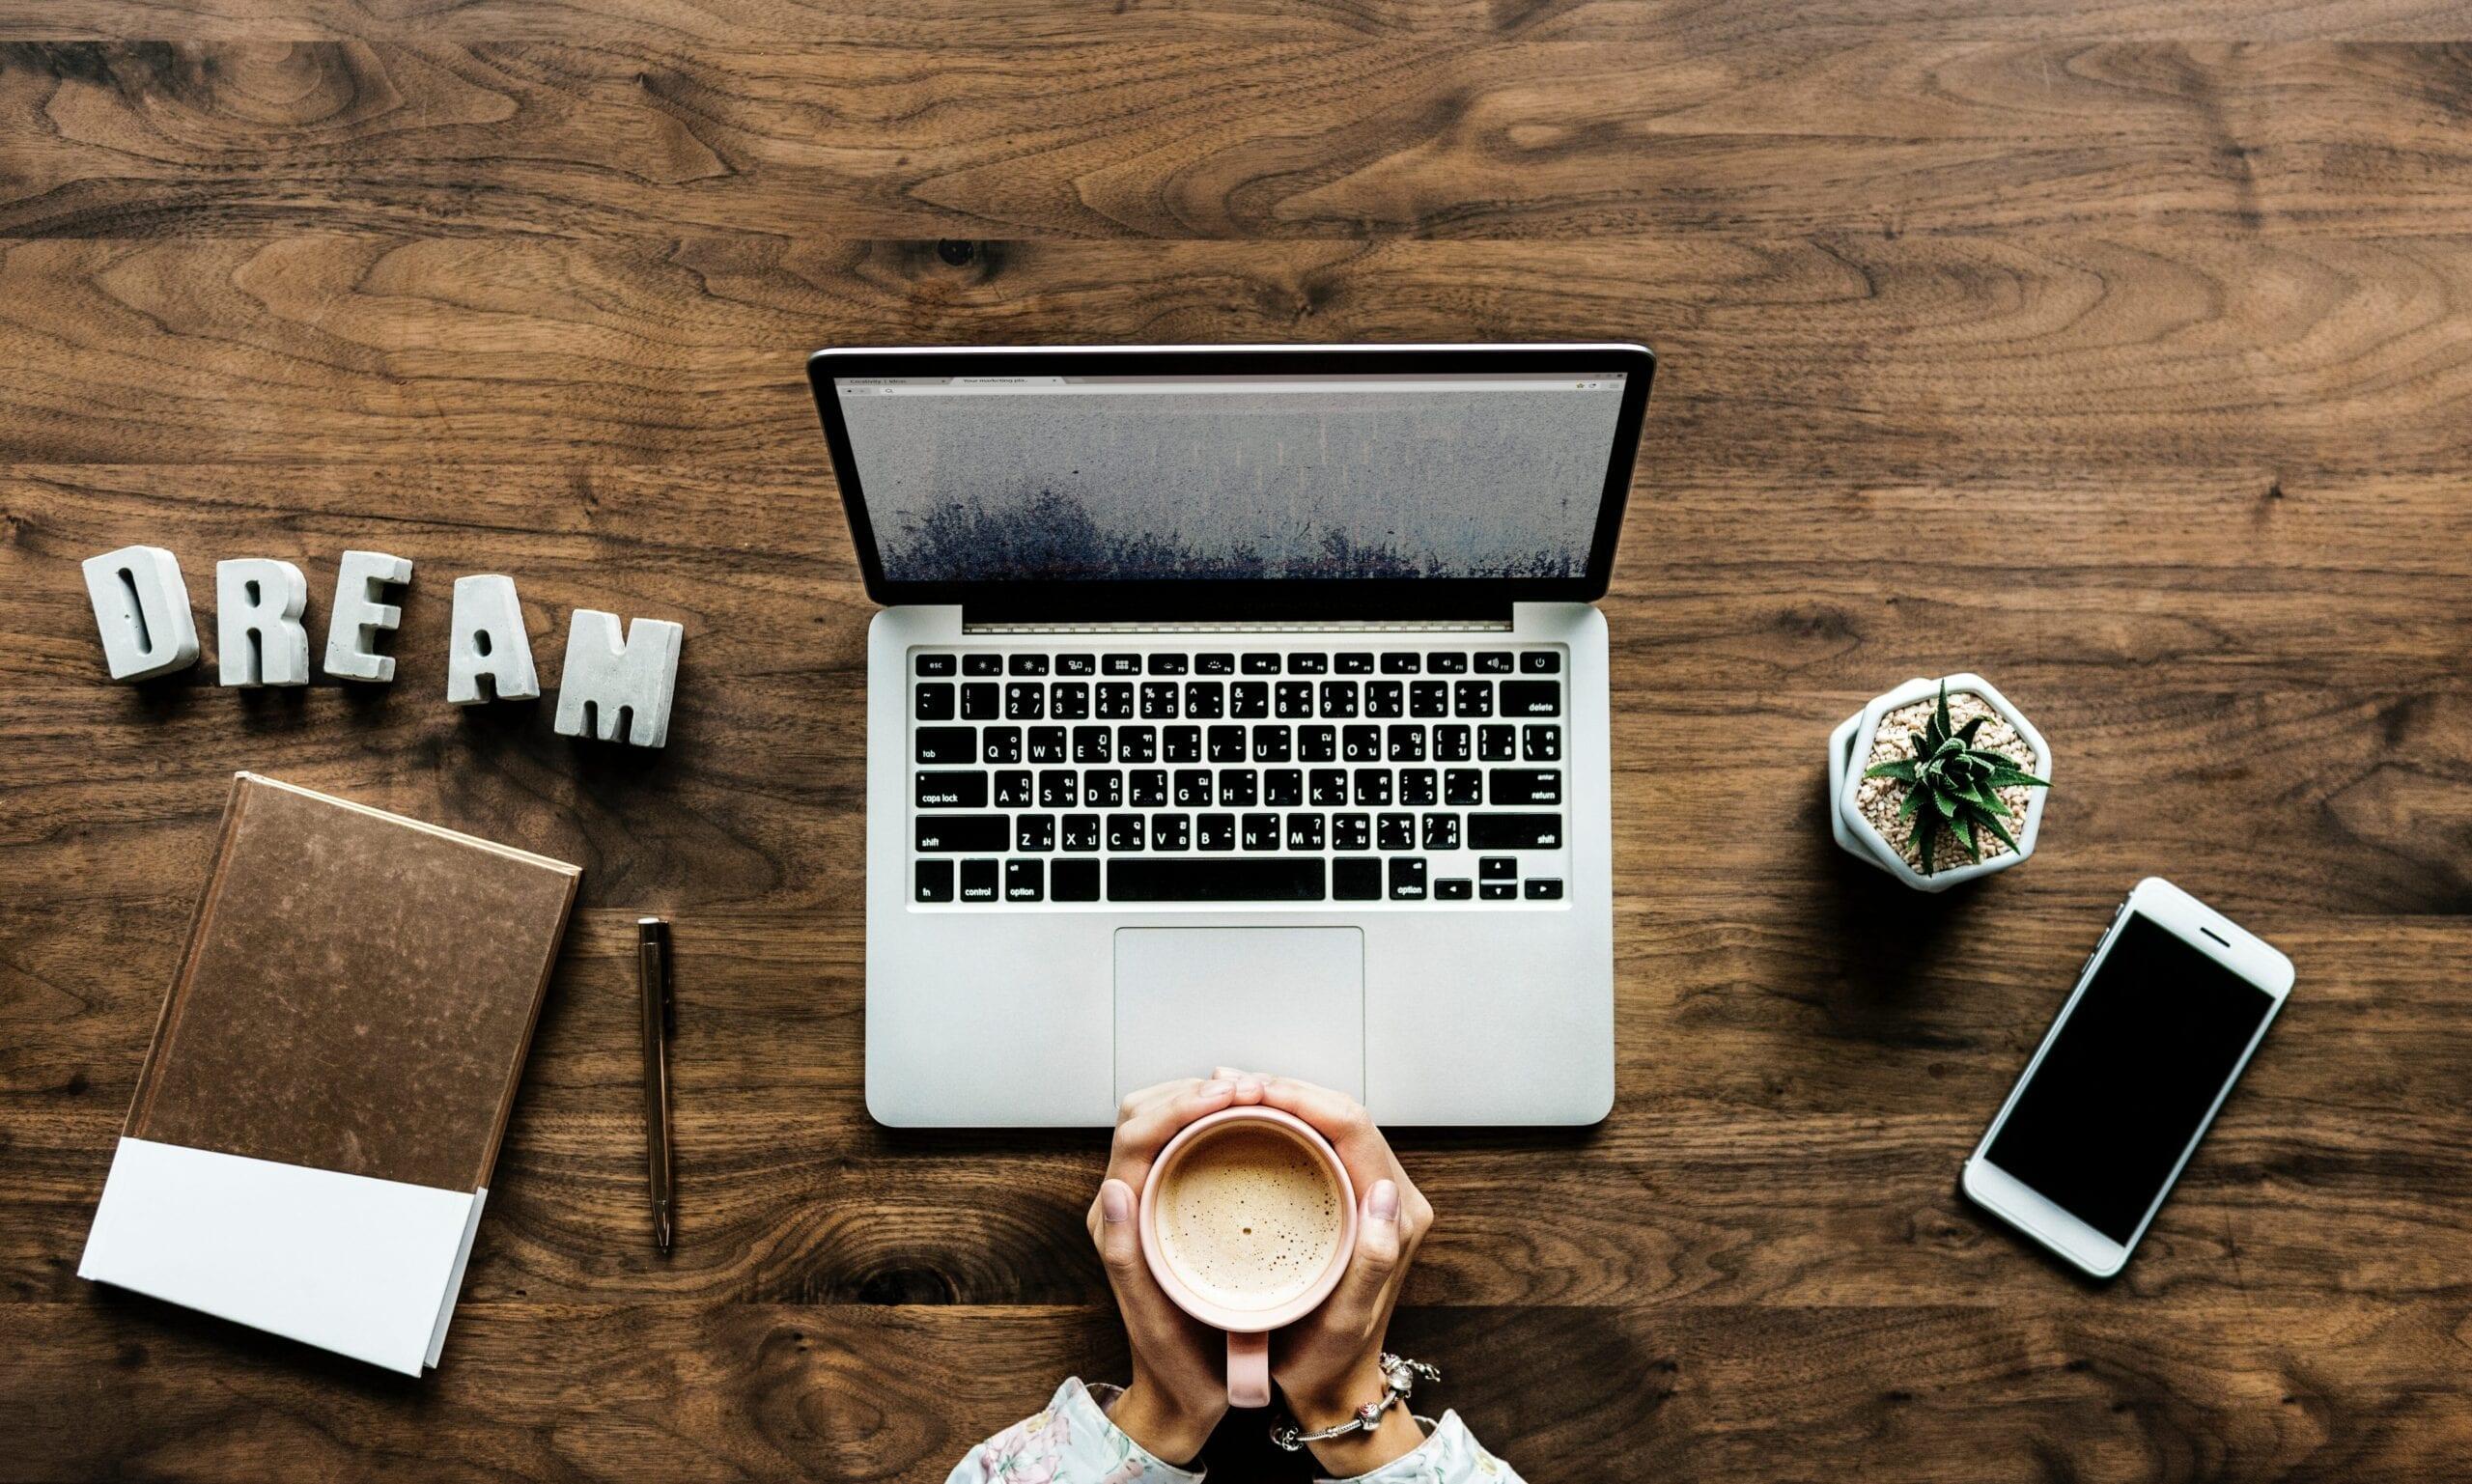 blogging challenge goals, laptop on desk